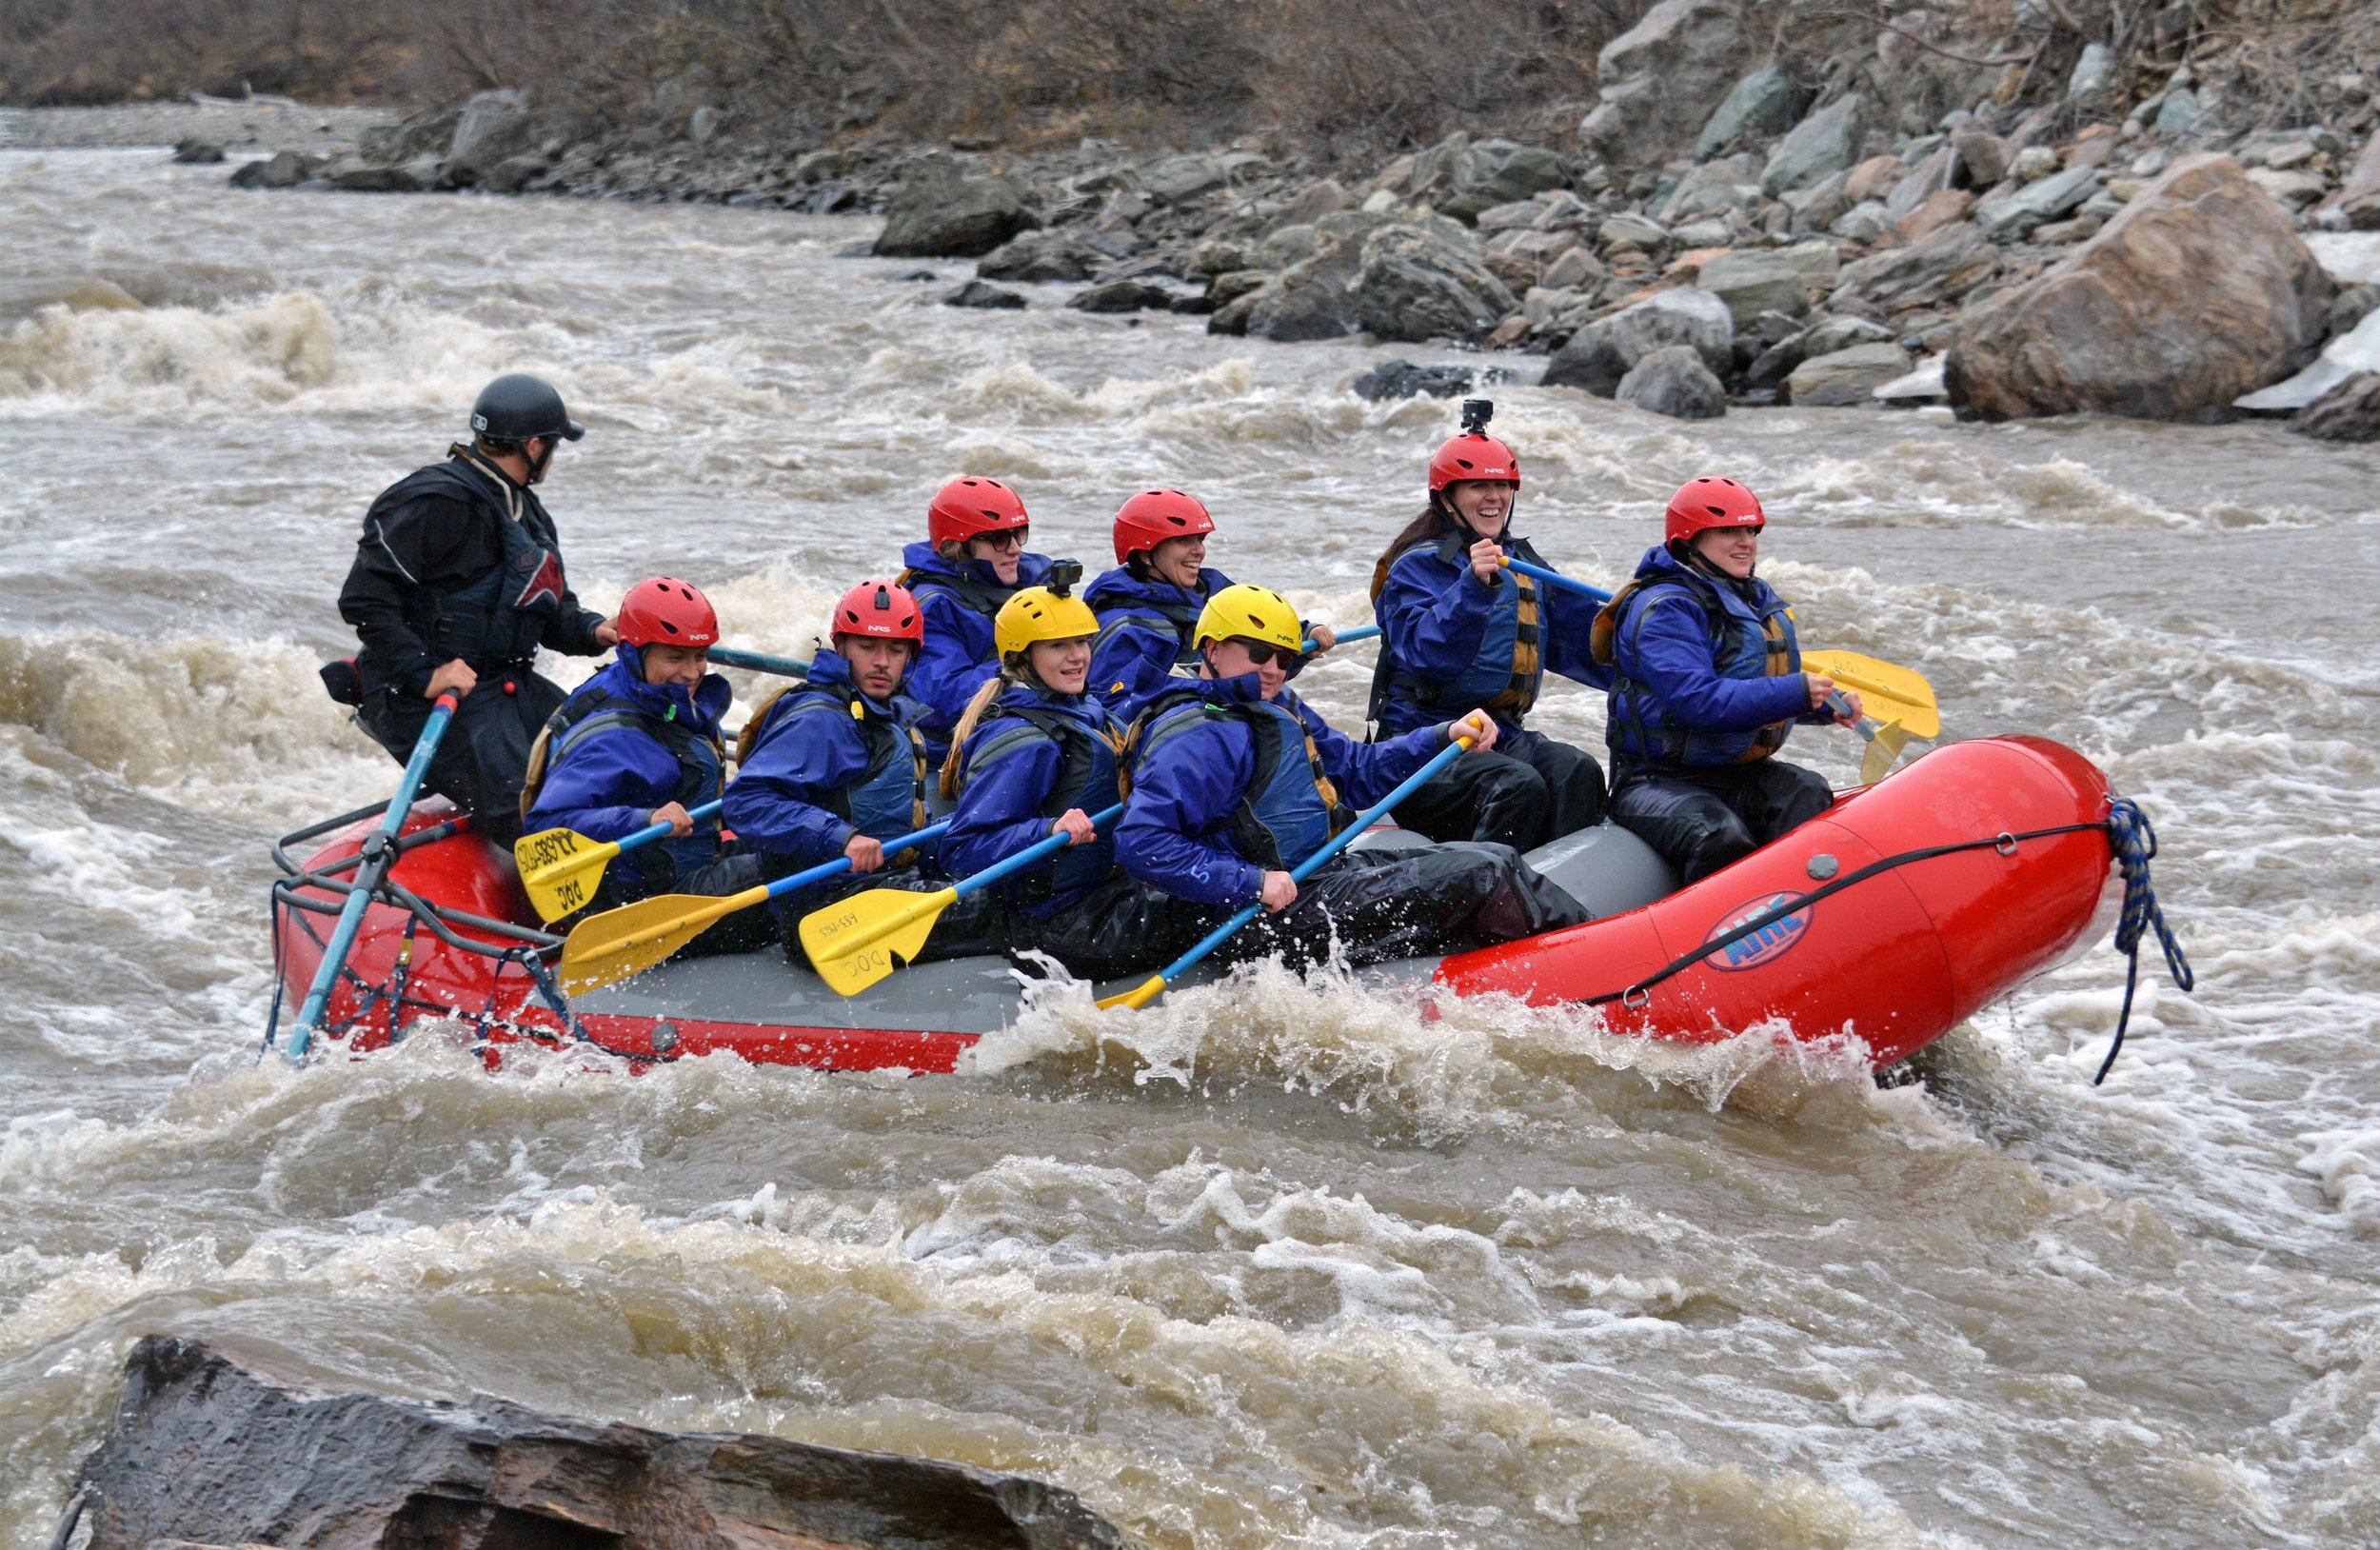 Water rafting_image.jpg